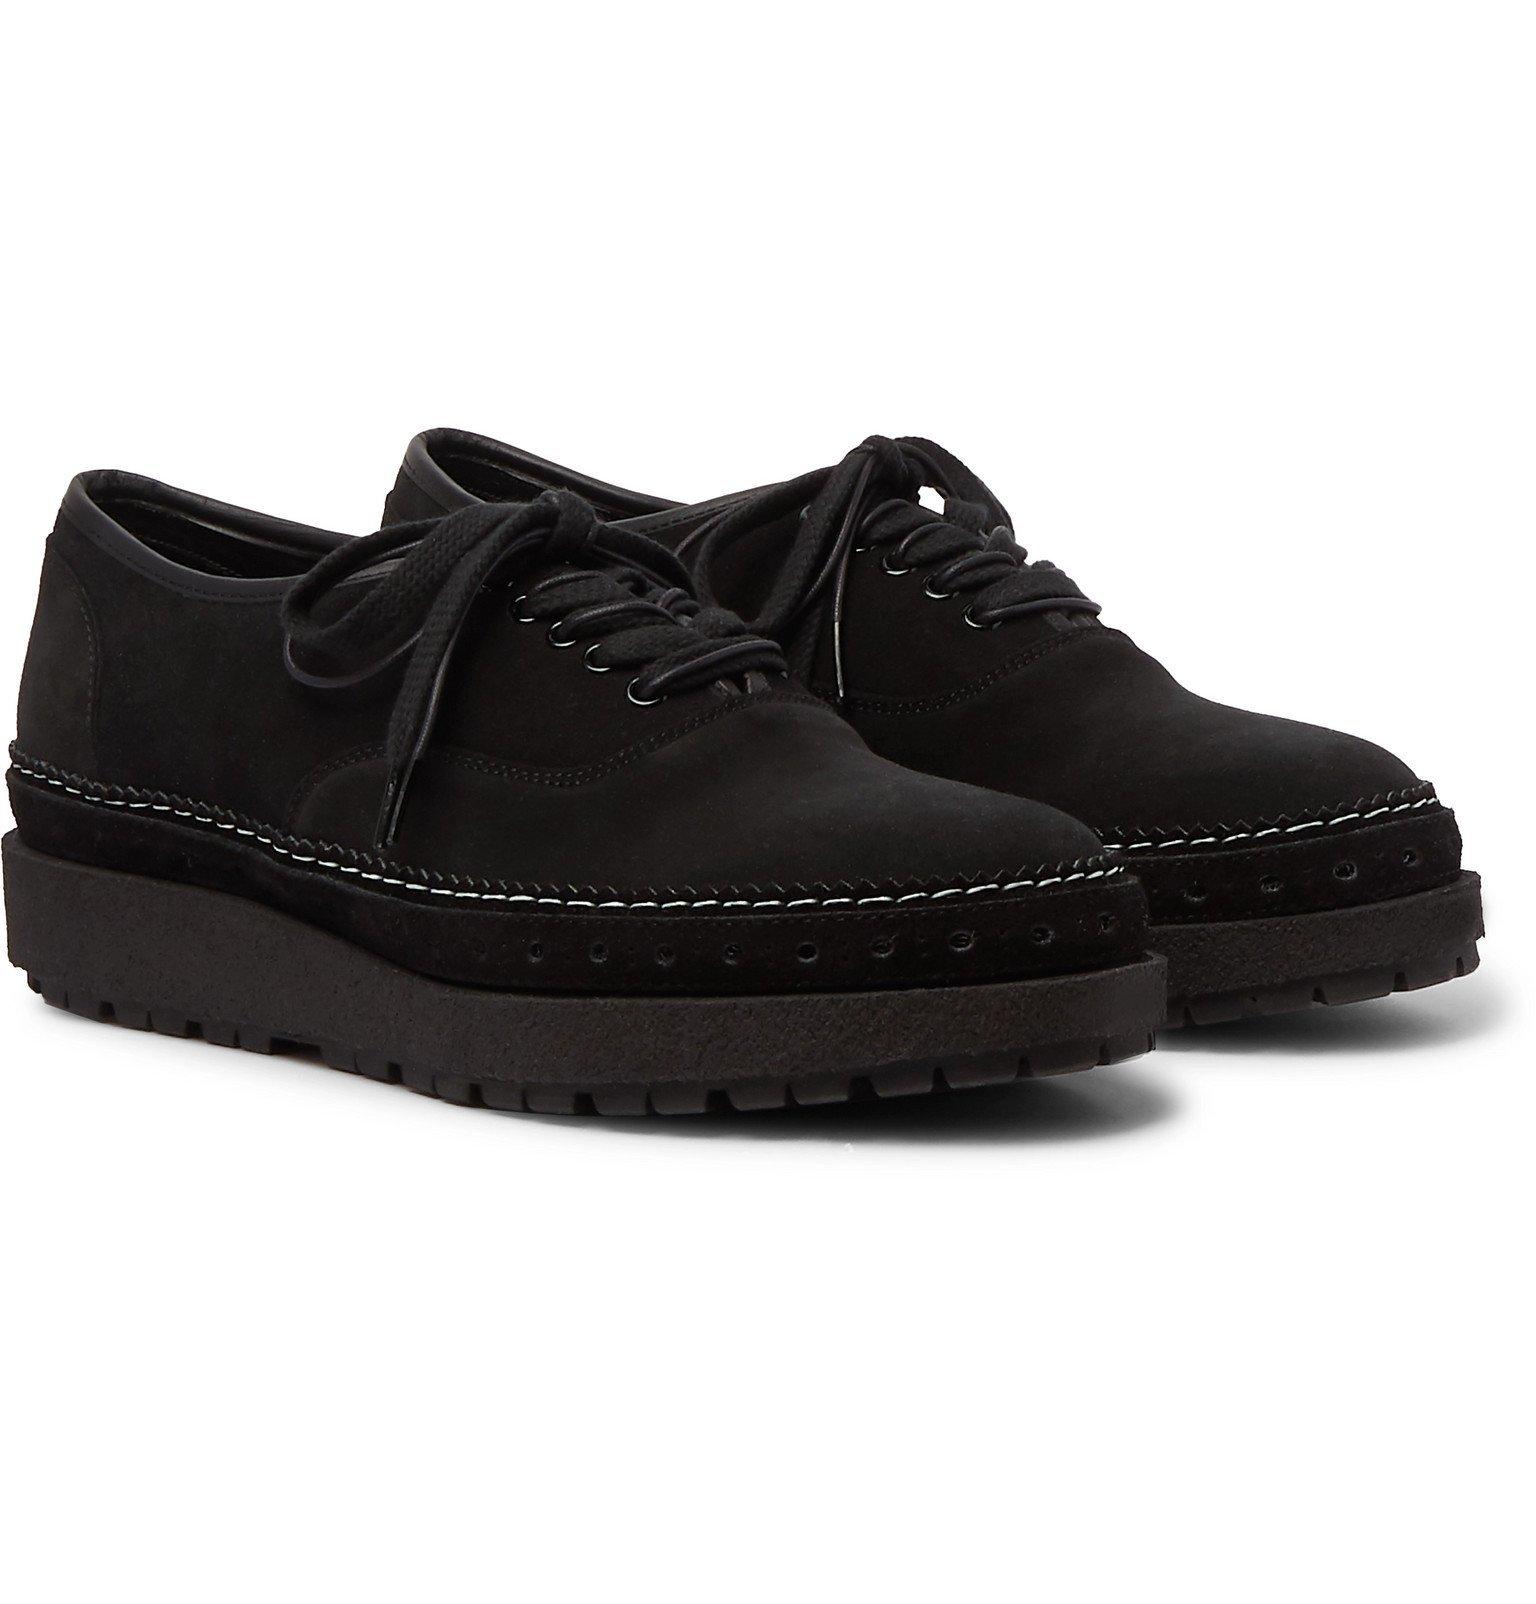 Sacai - Suede Derby Shoes - Black